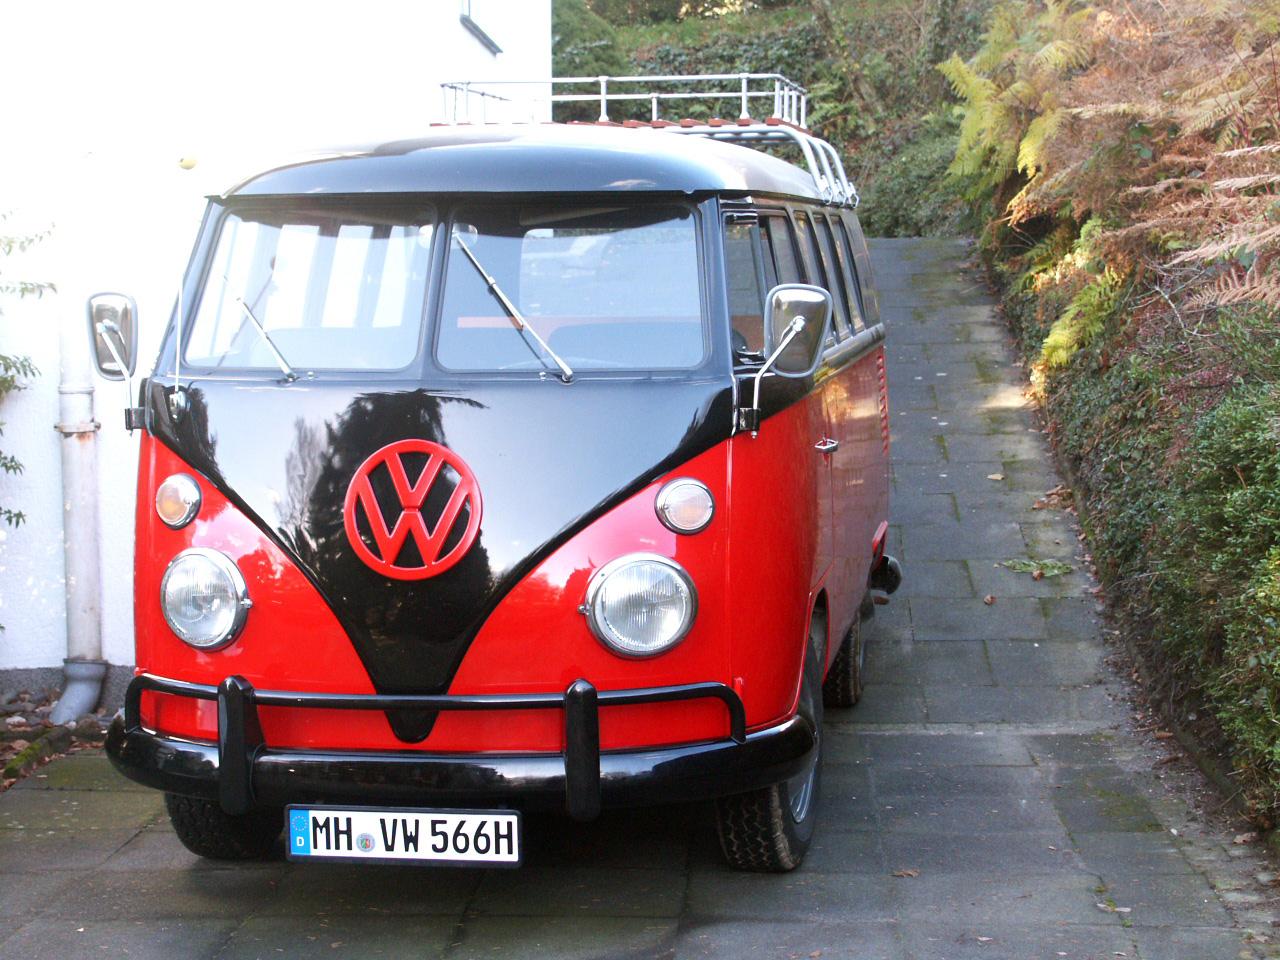 2011: Volkswagen's Bulli